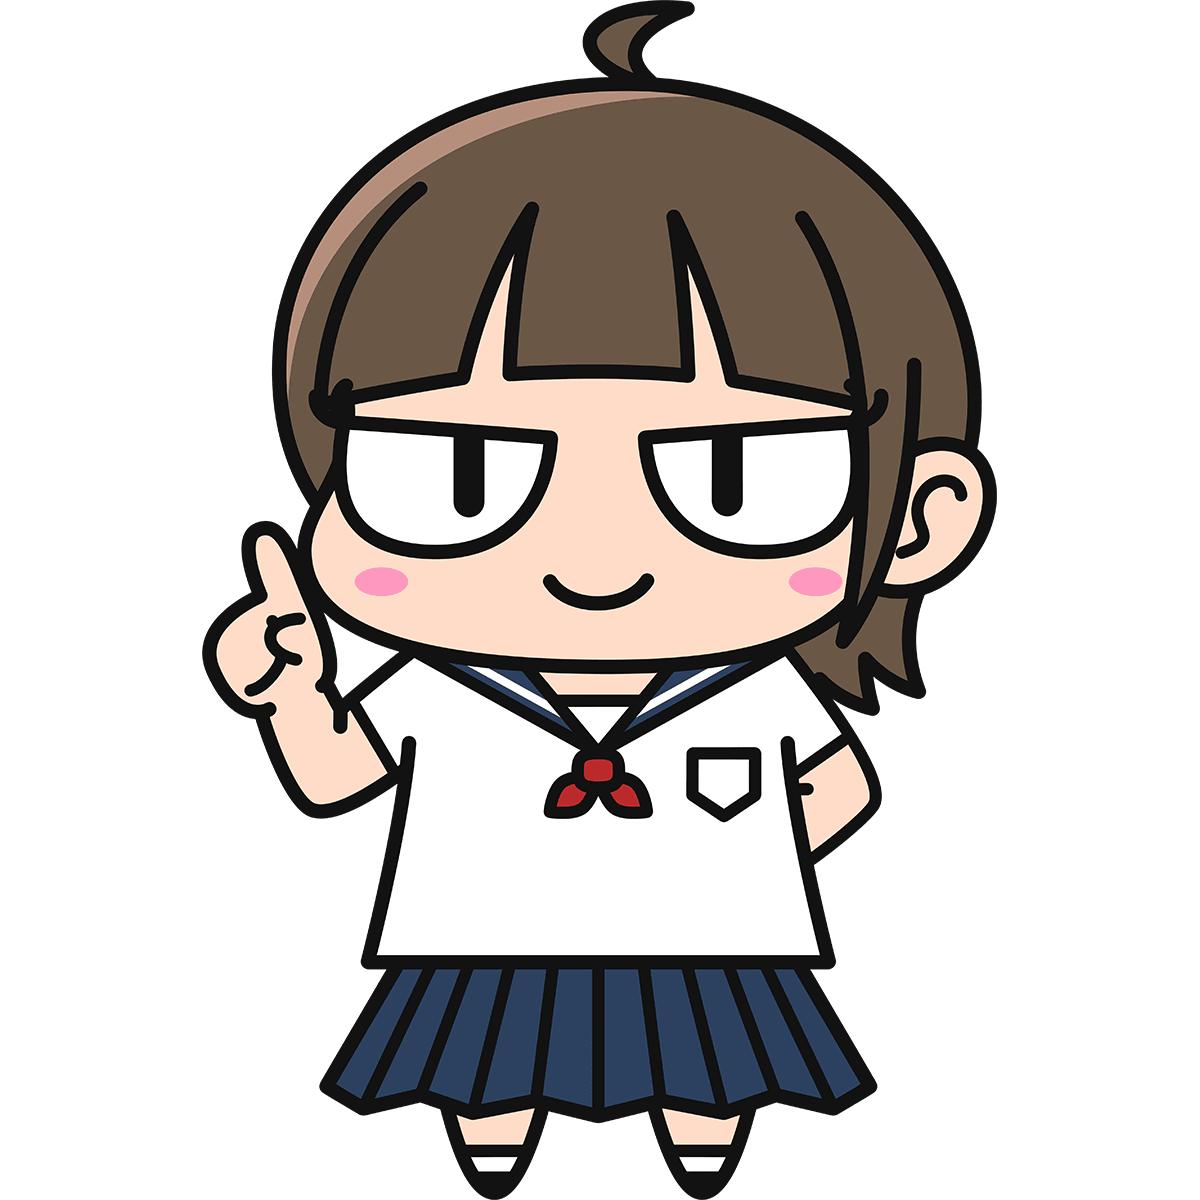 女子高生ダメコ(説明)の無料イラスト